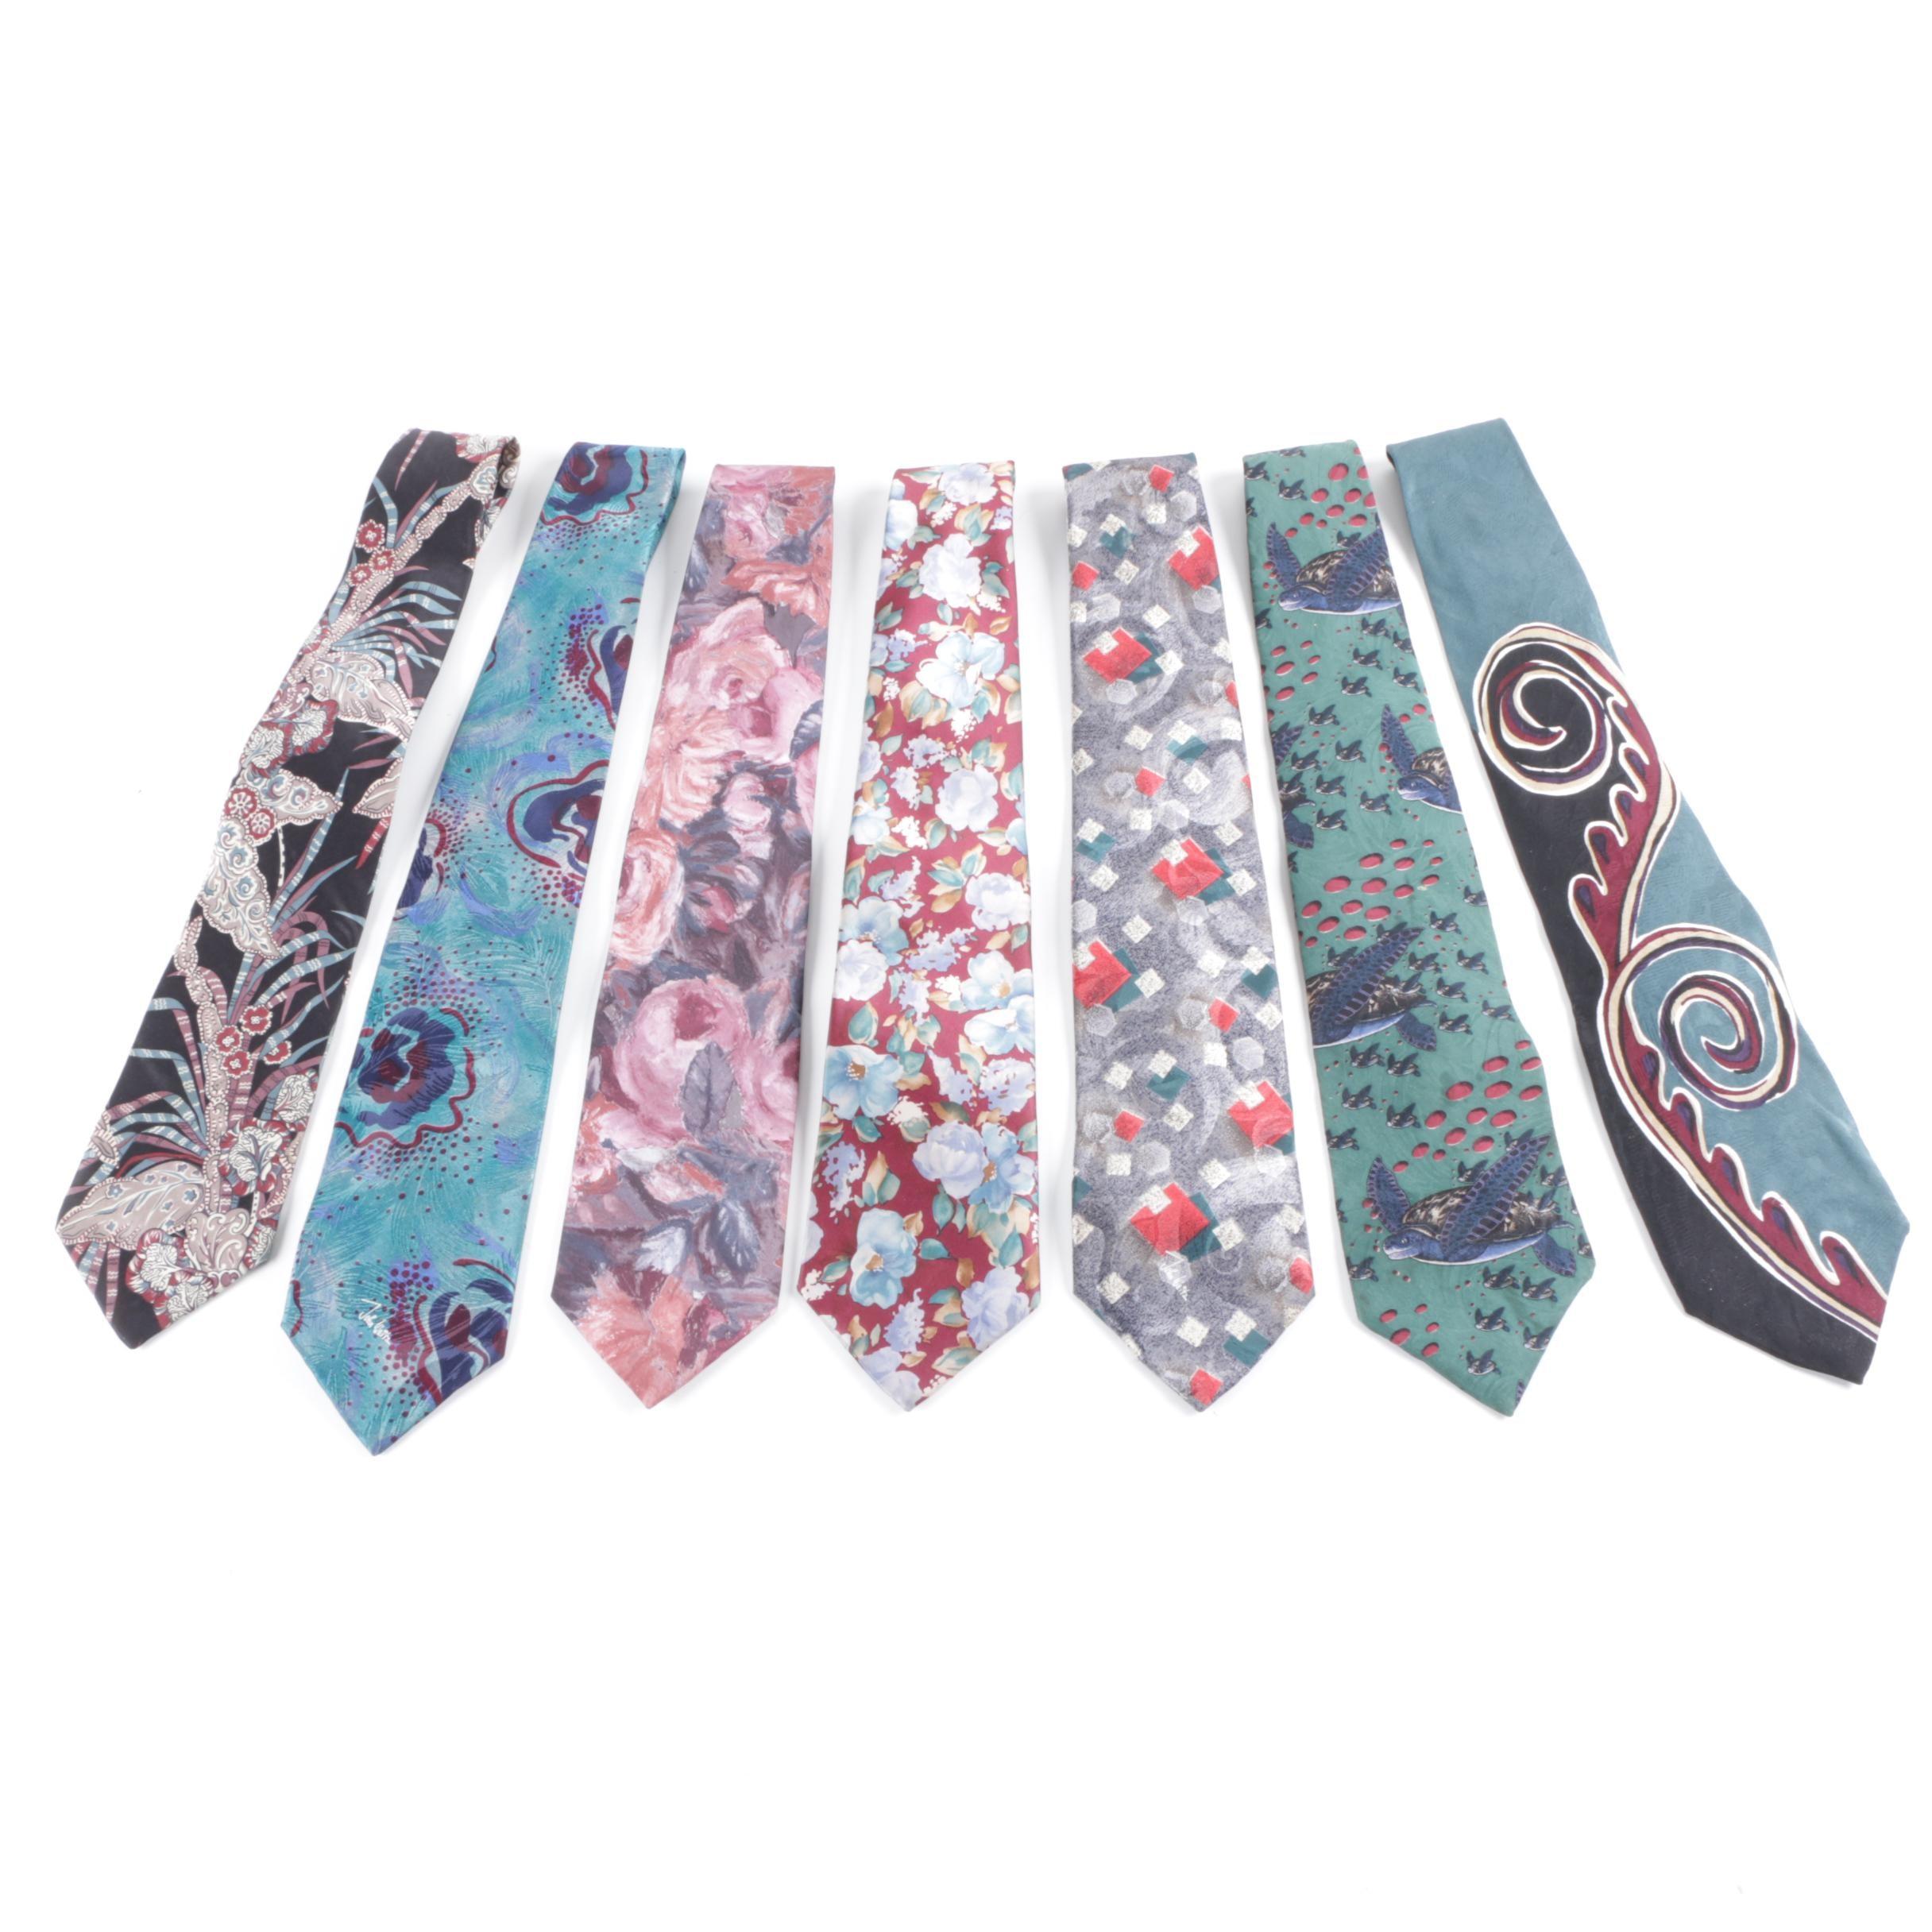 Men's Silk Neckties Including John Weitz and Wembley Endangered Species